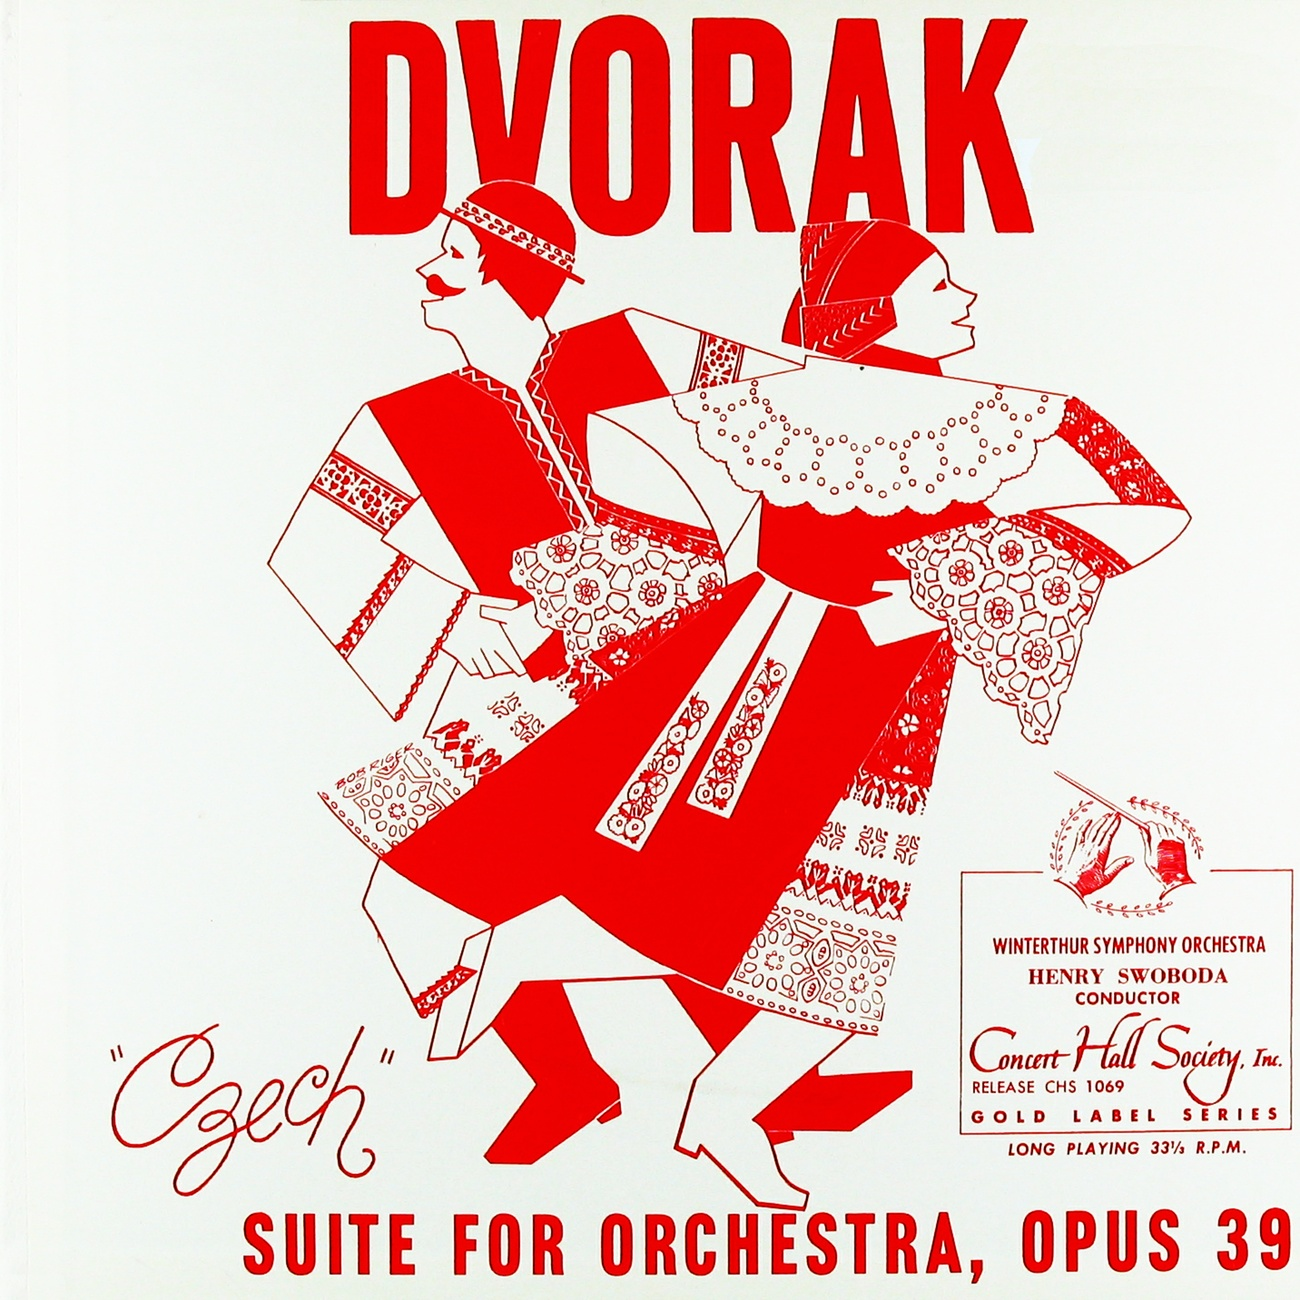 Recto de la pochette du disque Concert Hall CHS 1069